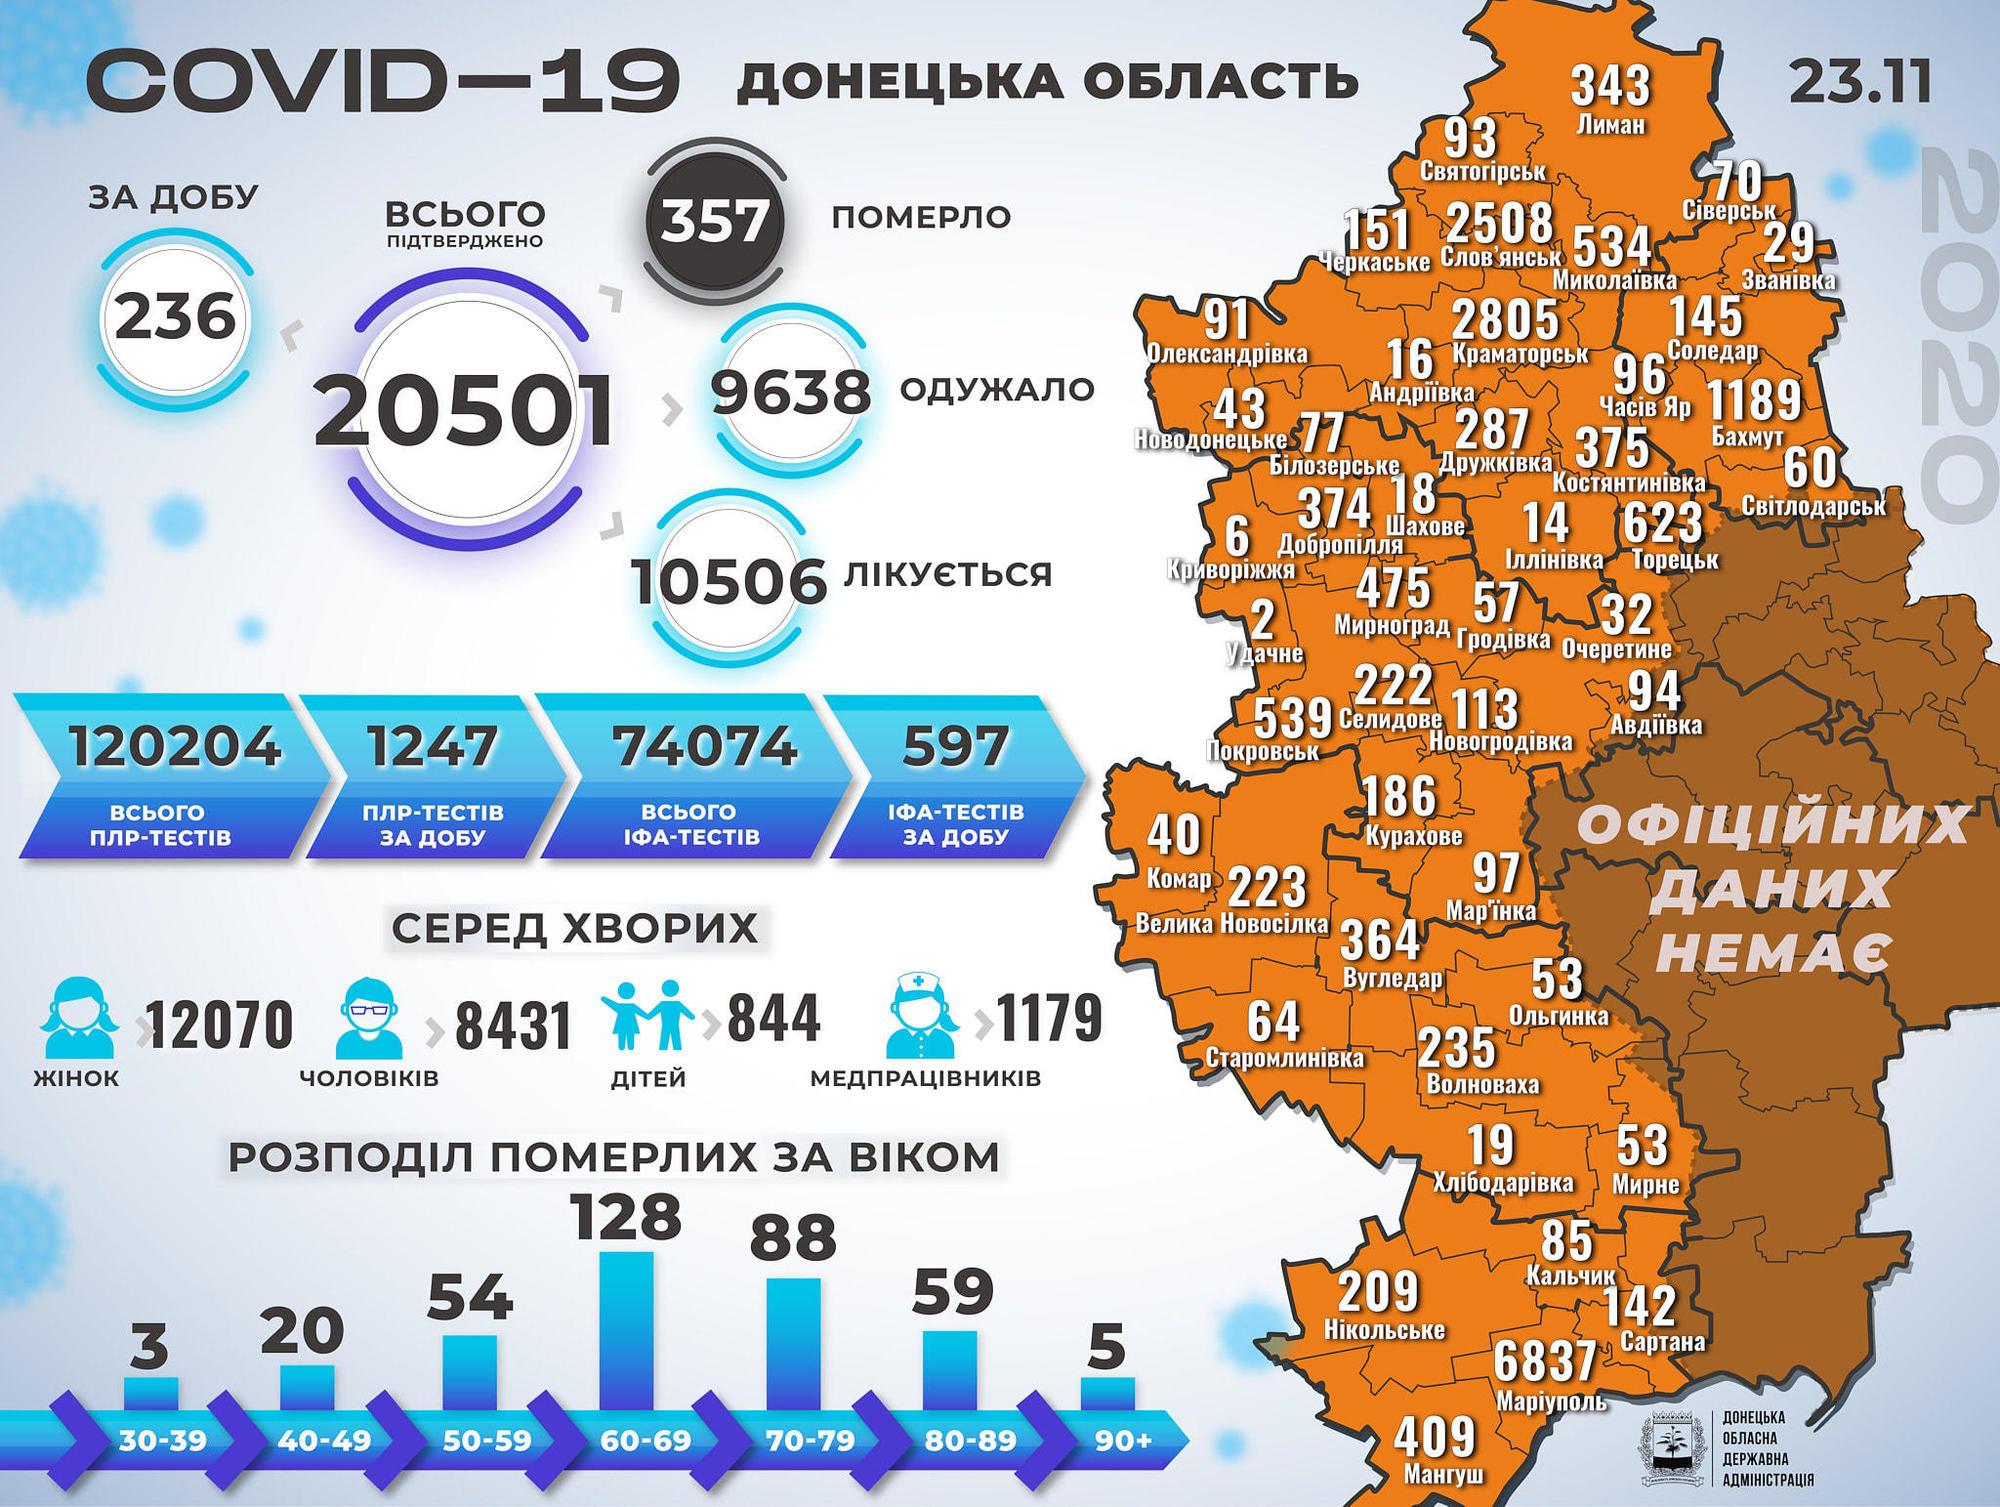 За 23 листопада в Україні коронавірусну інфекцію діагностували у 12 287 людей